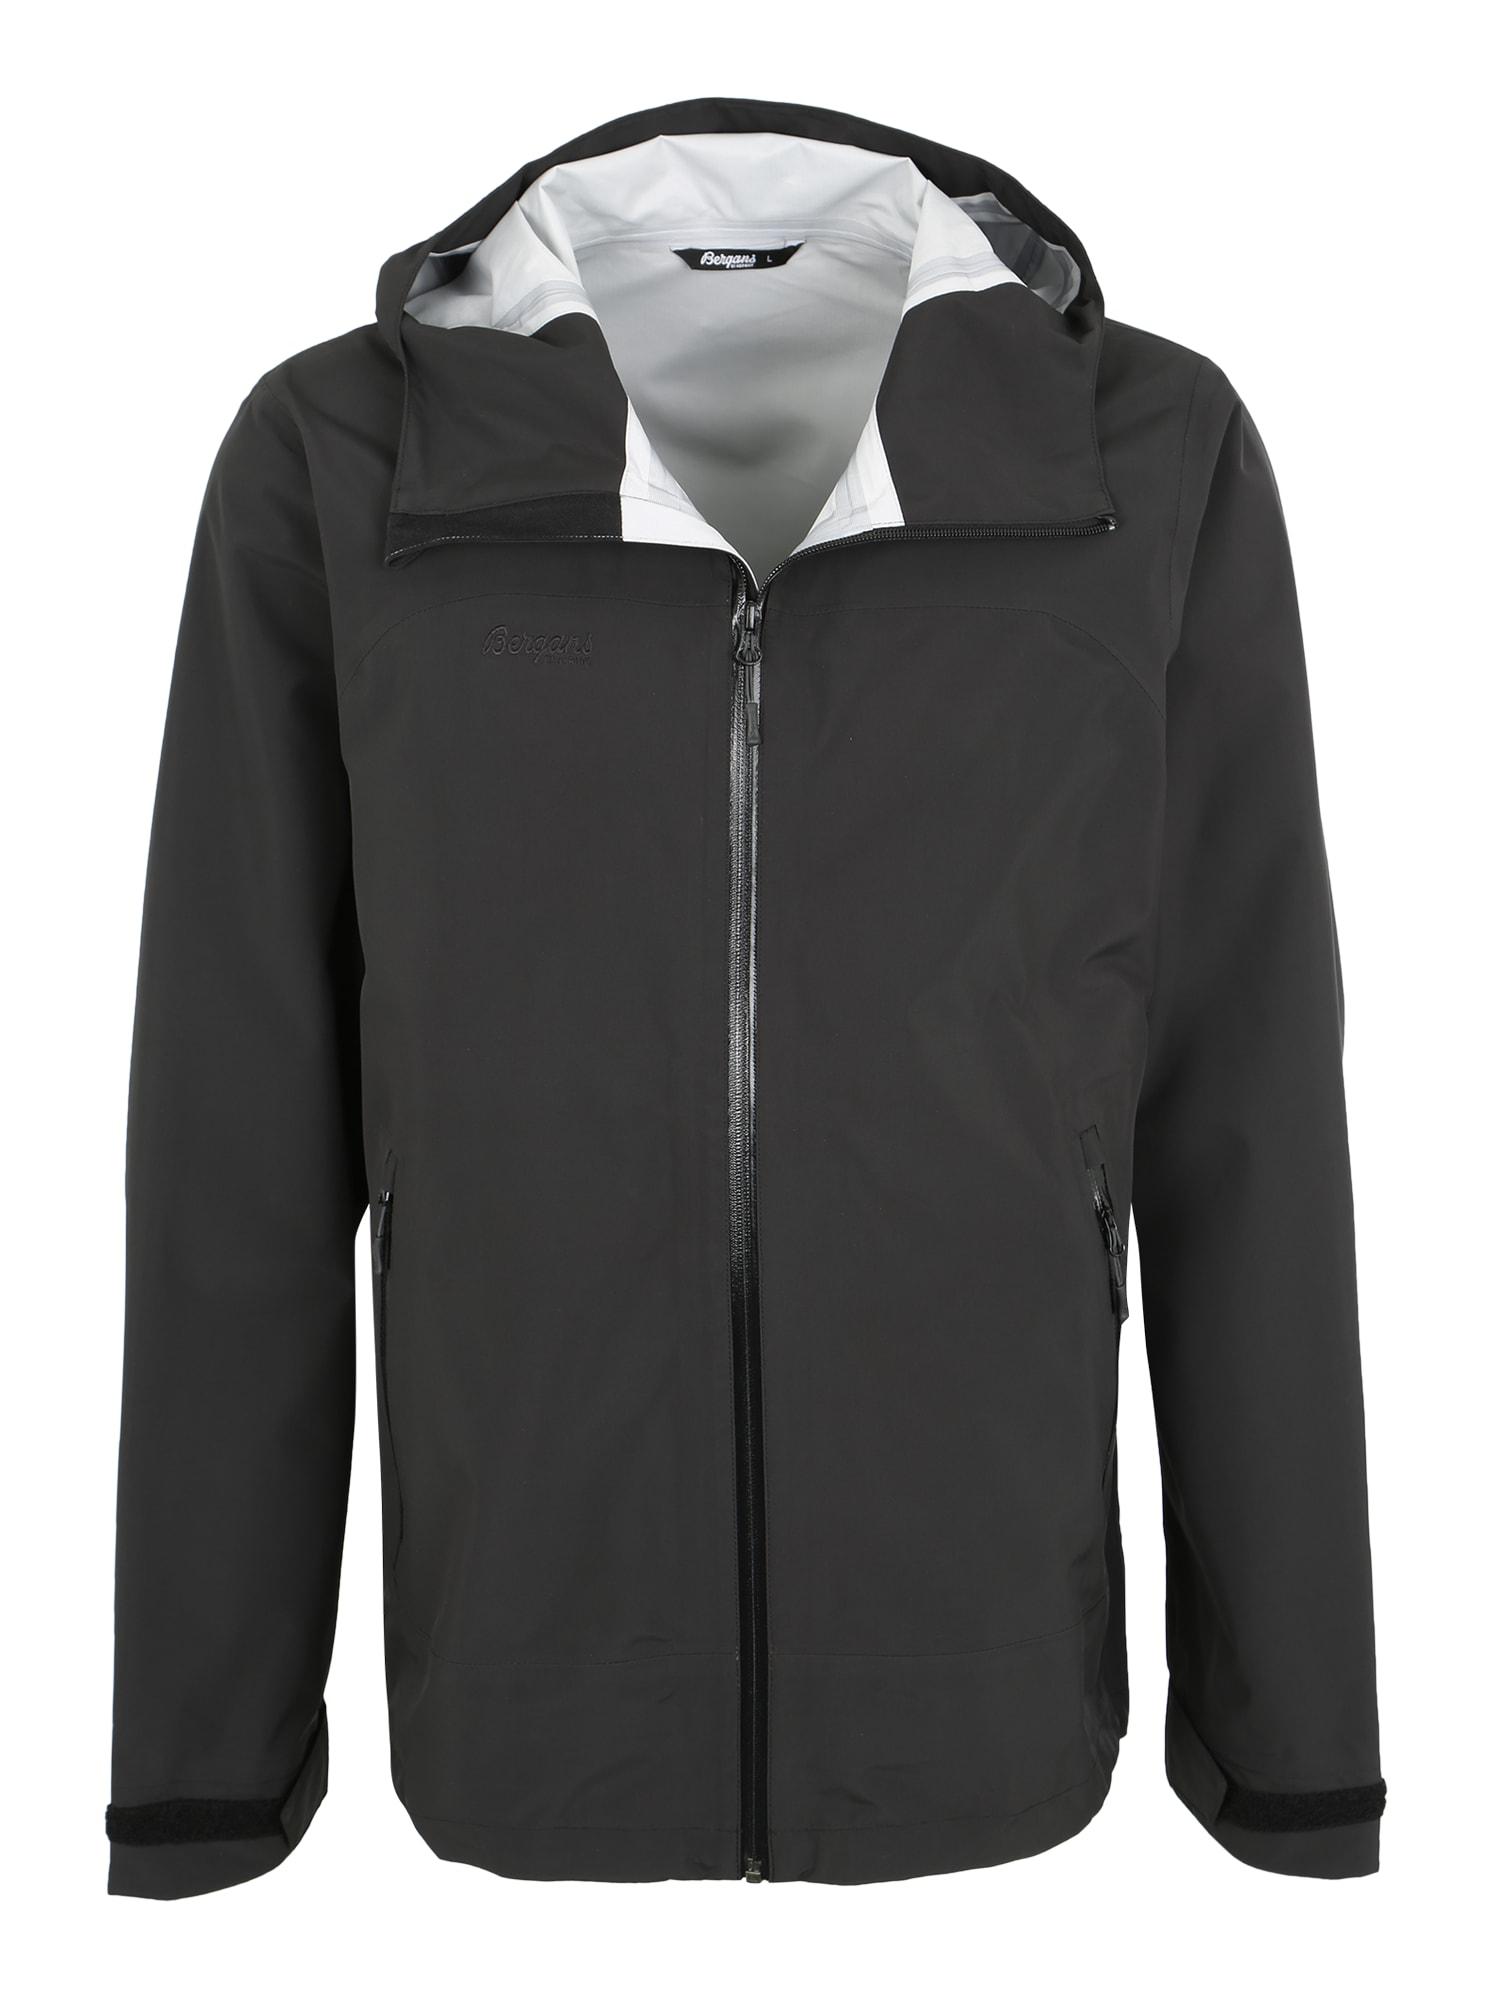 Sportovní bunda Ramberg 3-Layer černá Bergans